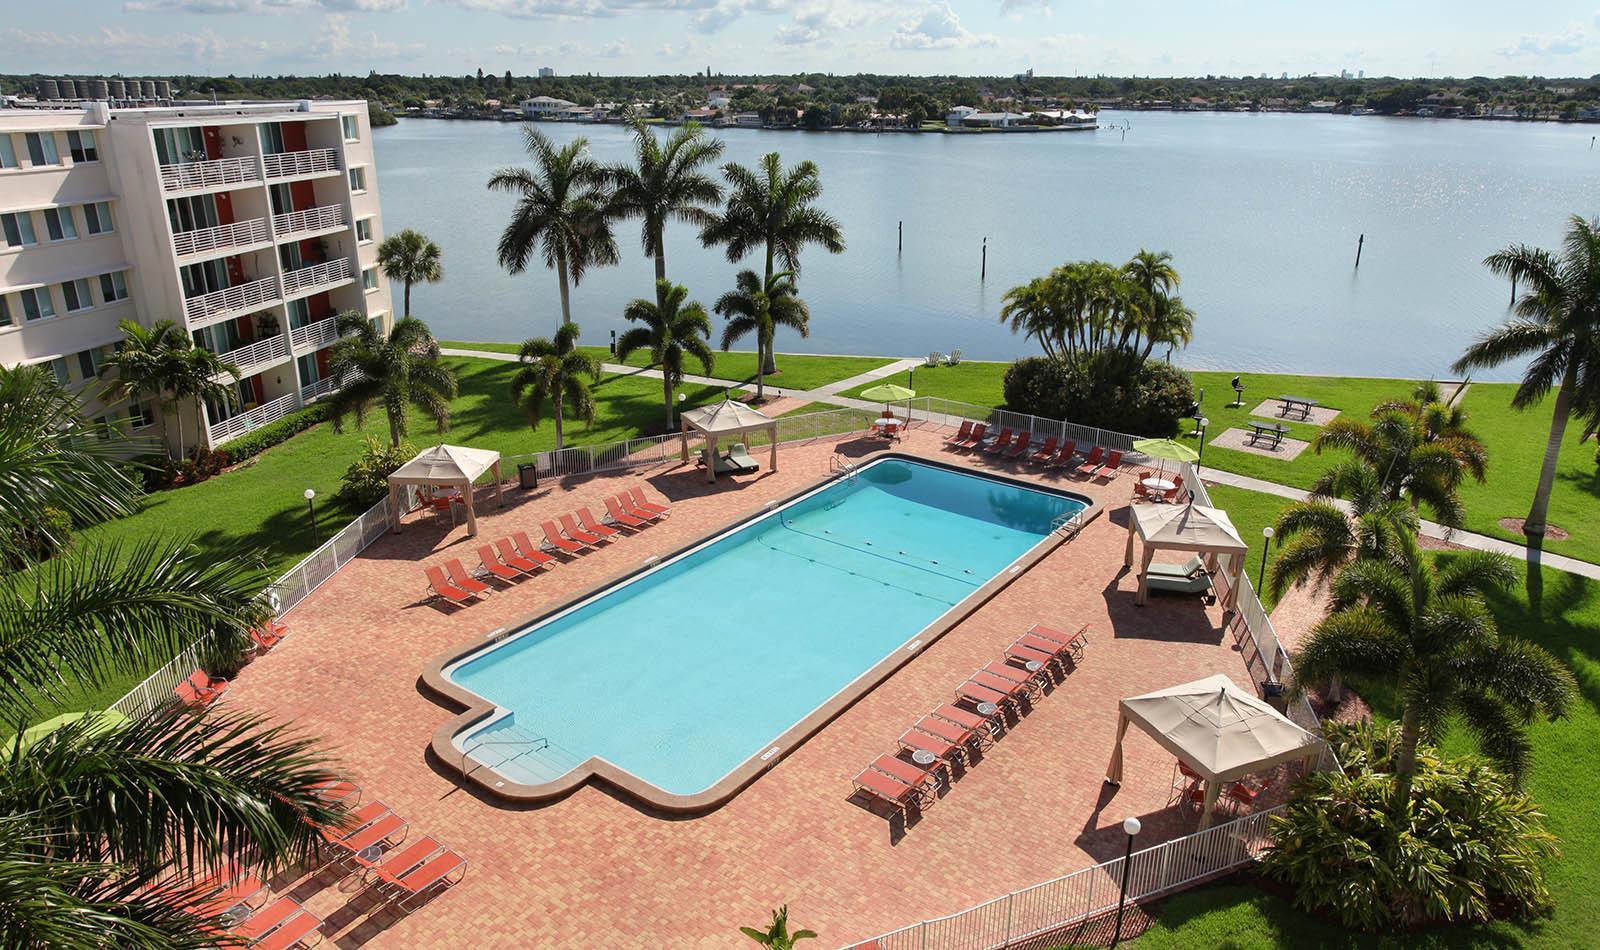 Pool at apartments in South Pasadena, FL